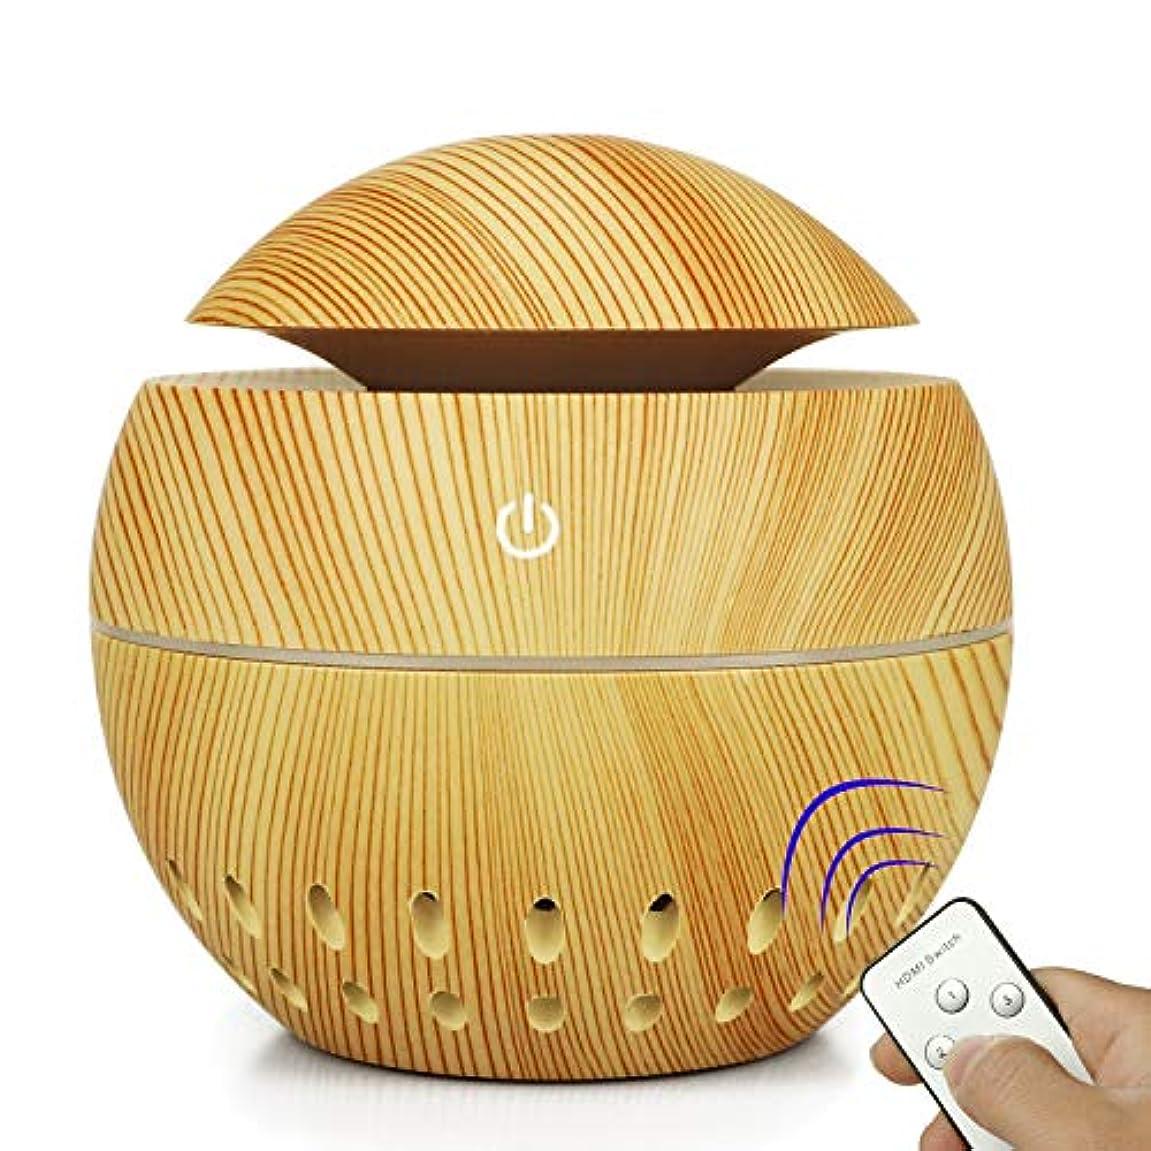 薬用資源帝国加湿器USBウッドグレイン中空加湿器きのこ総本店小型家電 (Color : Brass, Size : 100MM*105MM)